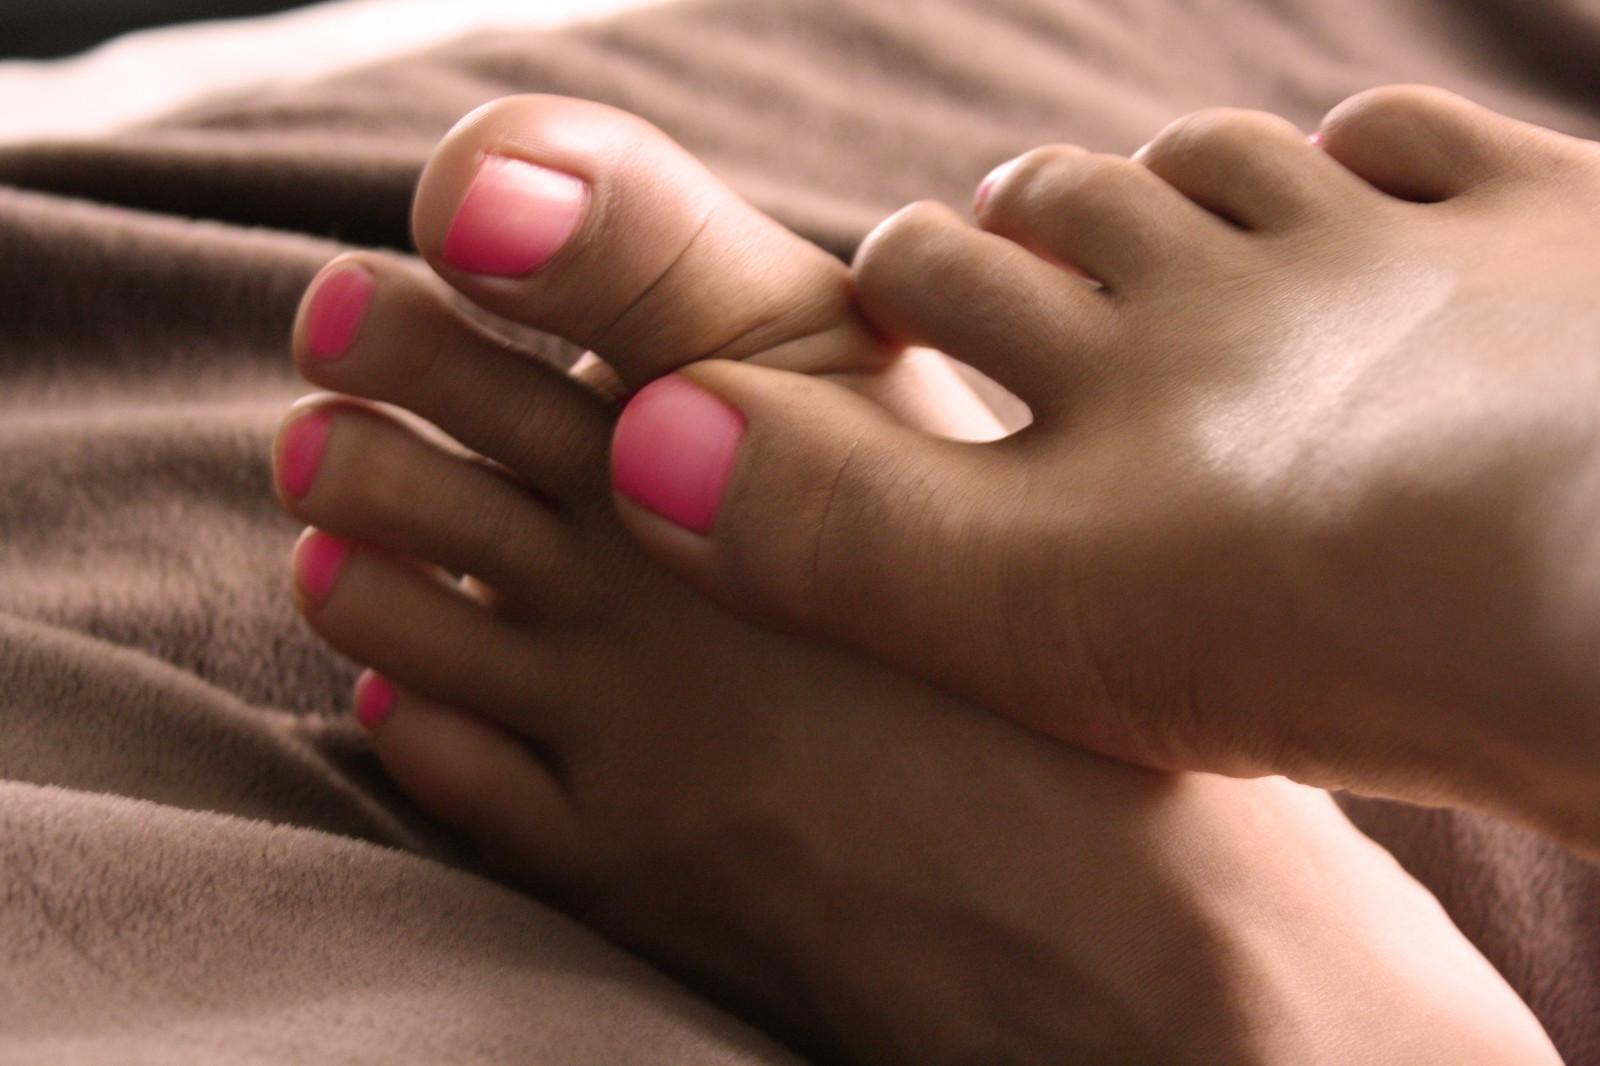 Очень много фото возбуждающие пальчики ног с кольцами